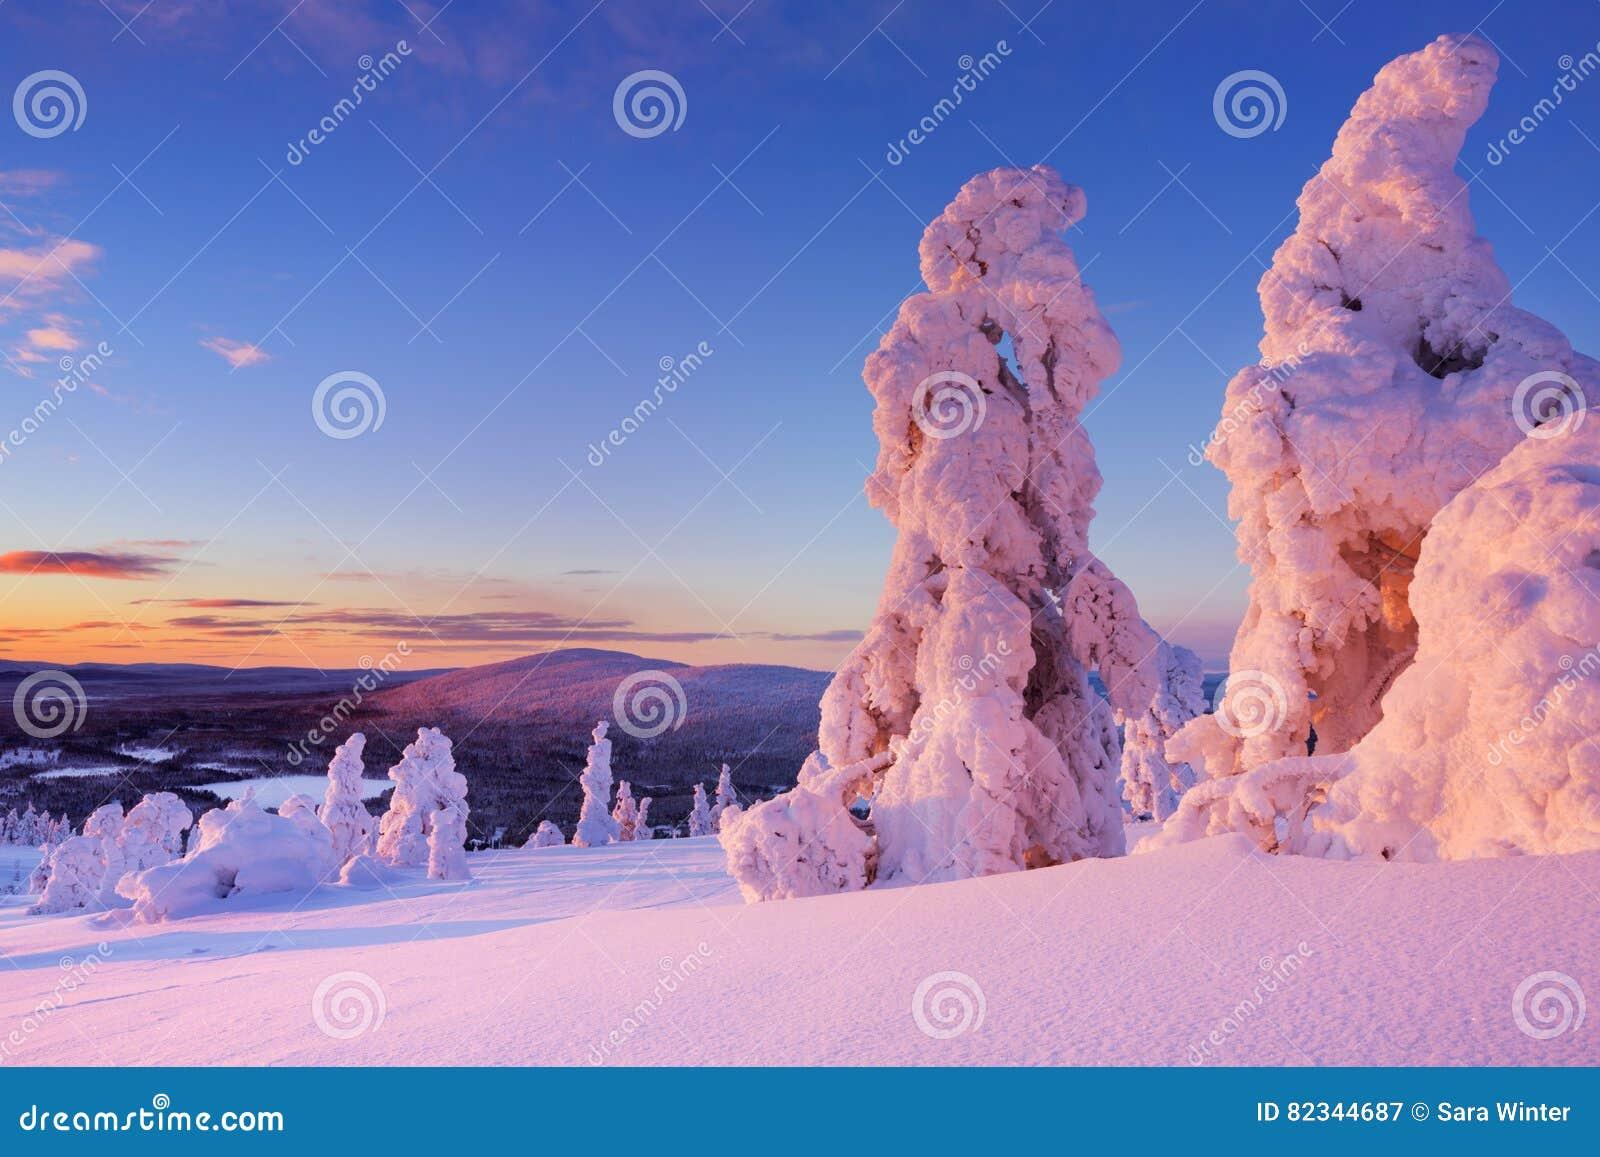 Sunset over frozen trees on a mountain, Finnish Lapland